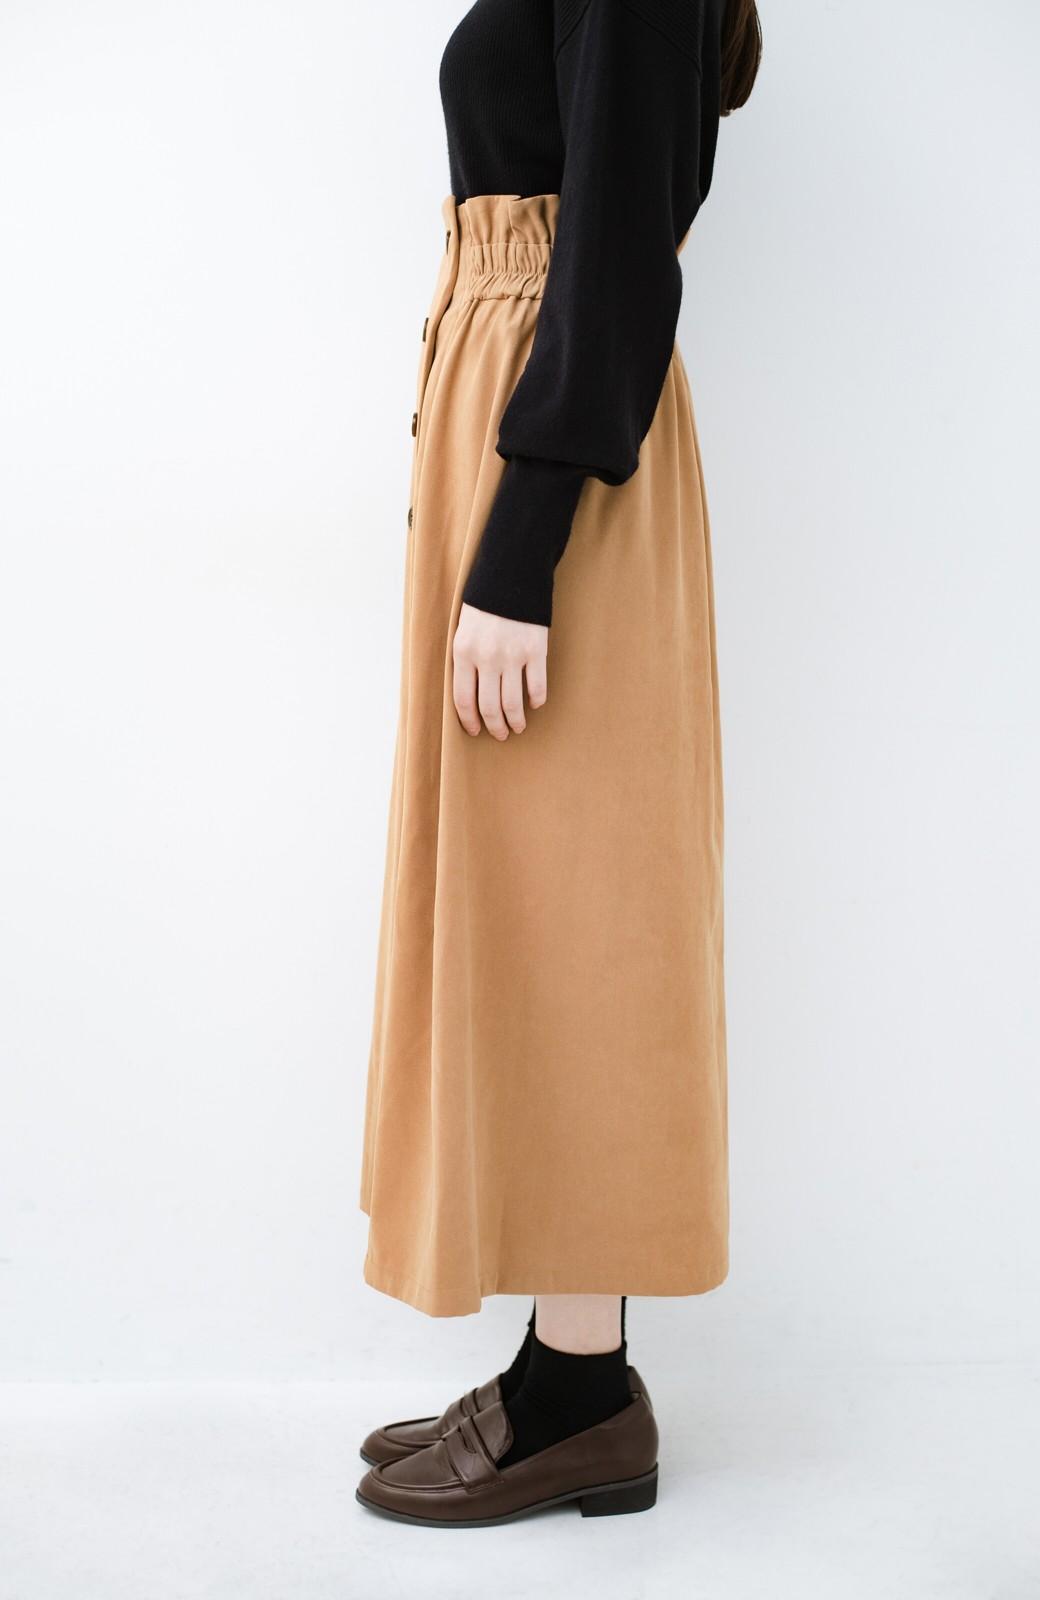 haco! 楽ちんなのにきれい見せが叶う ボタンがポイントの大人スカート <ベージュ>の商品写真6